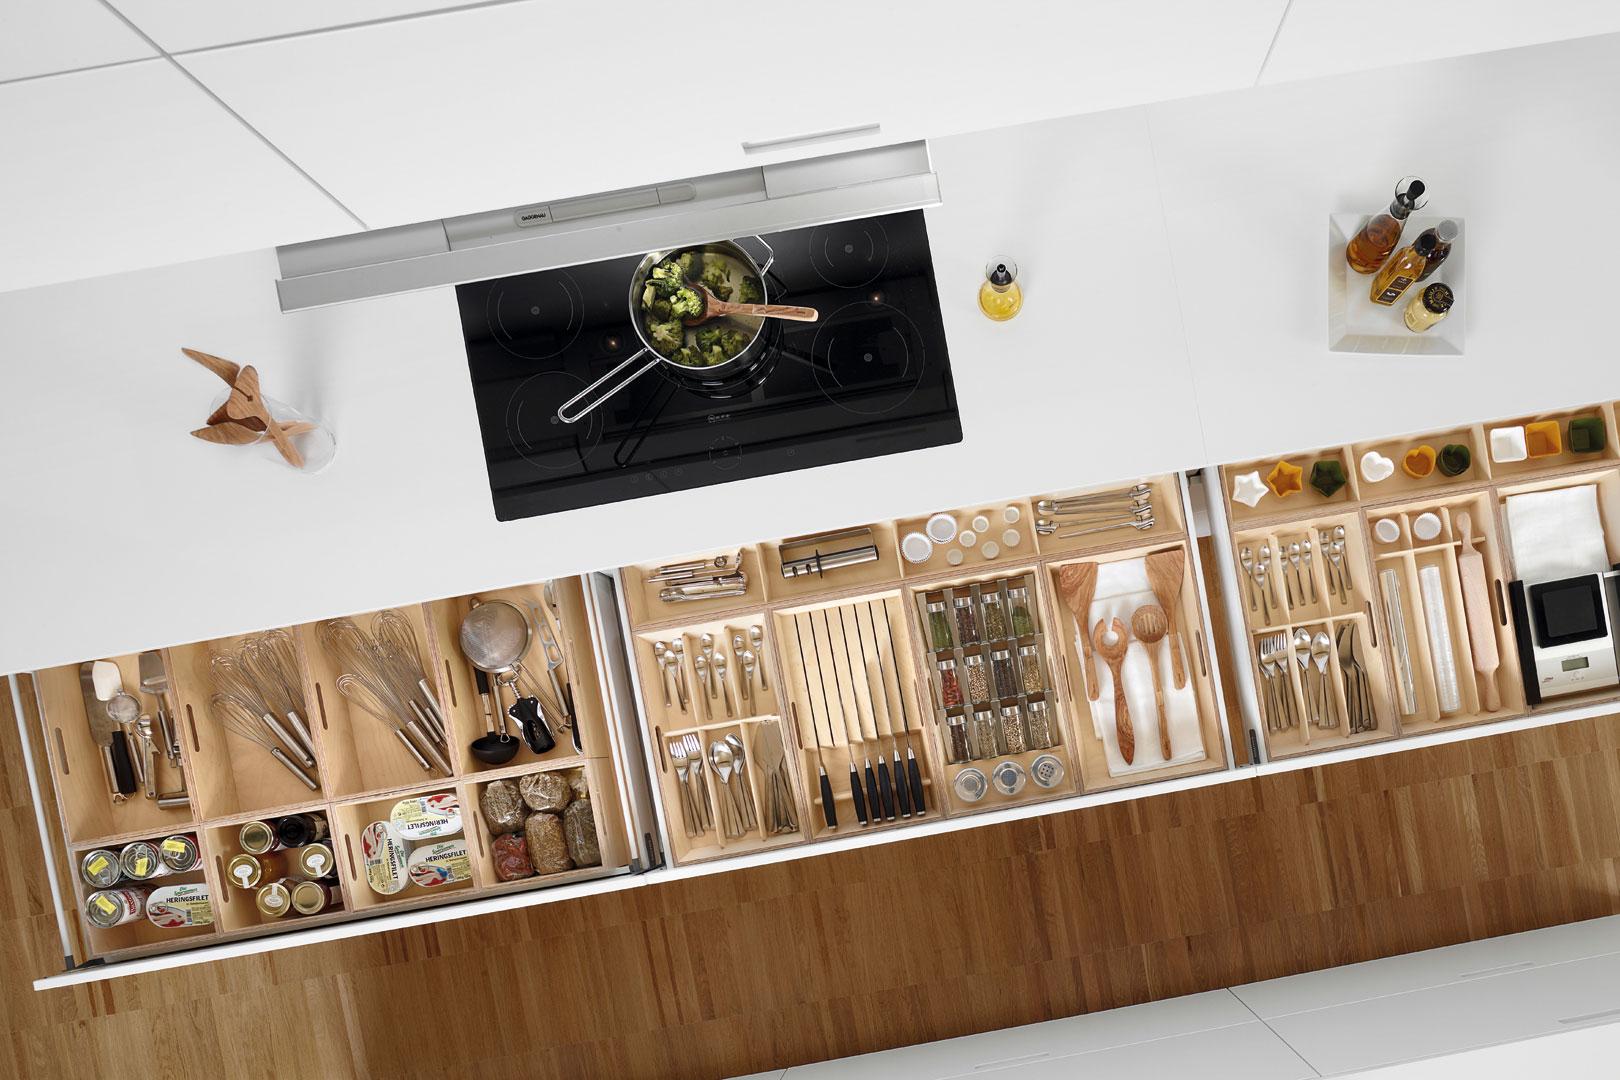 Accesorios de cocina Santos: orden y belleza | Santiago Interiores